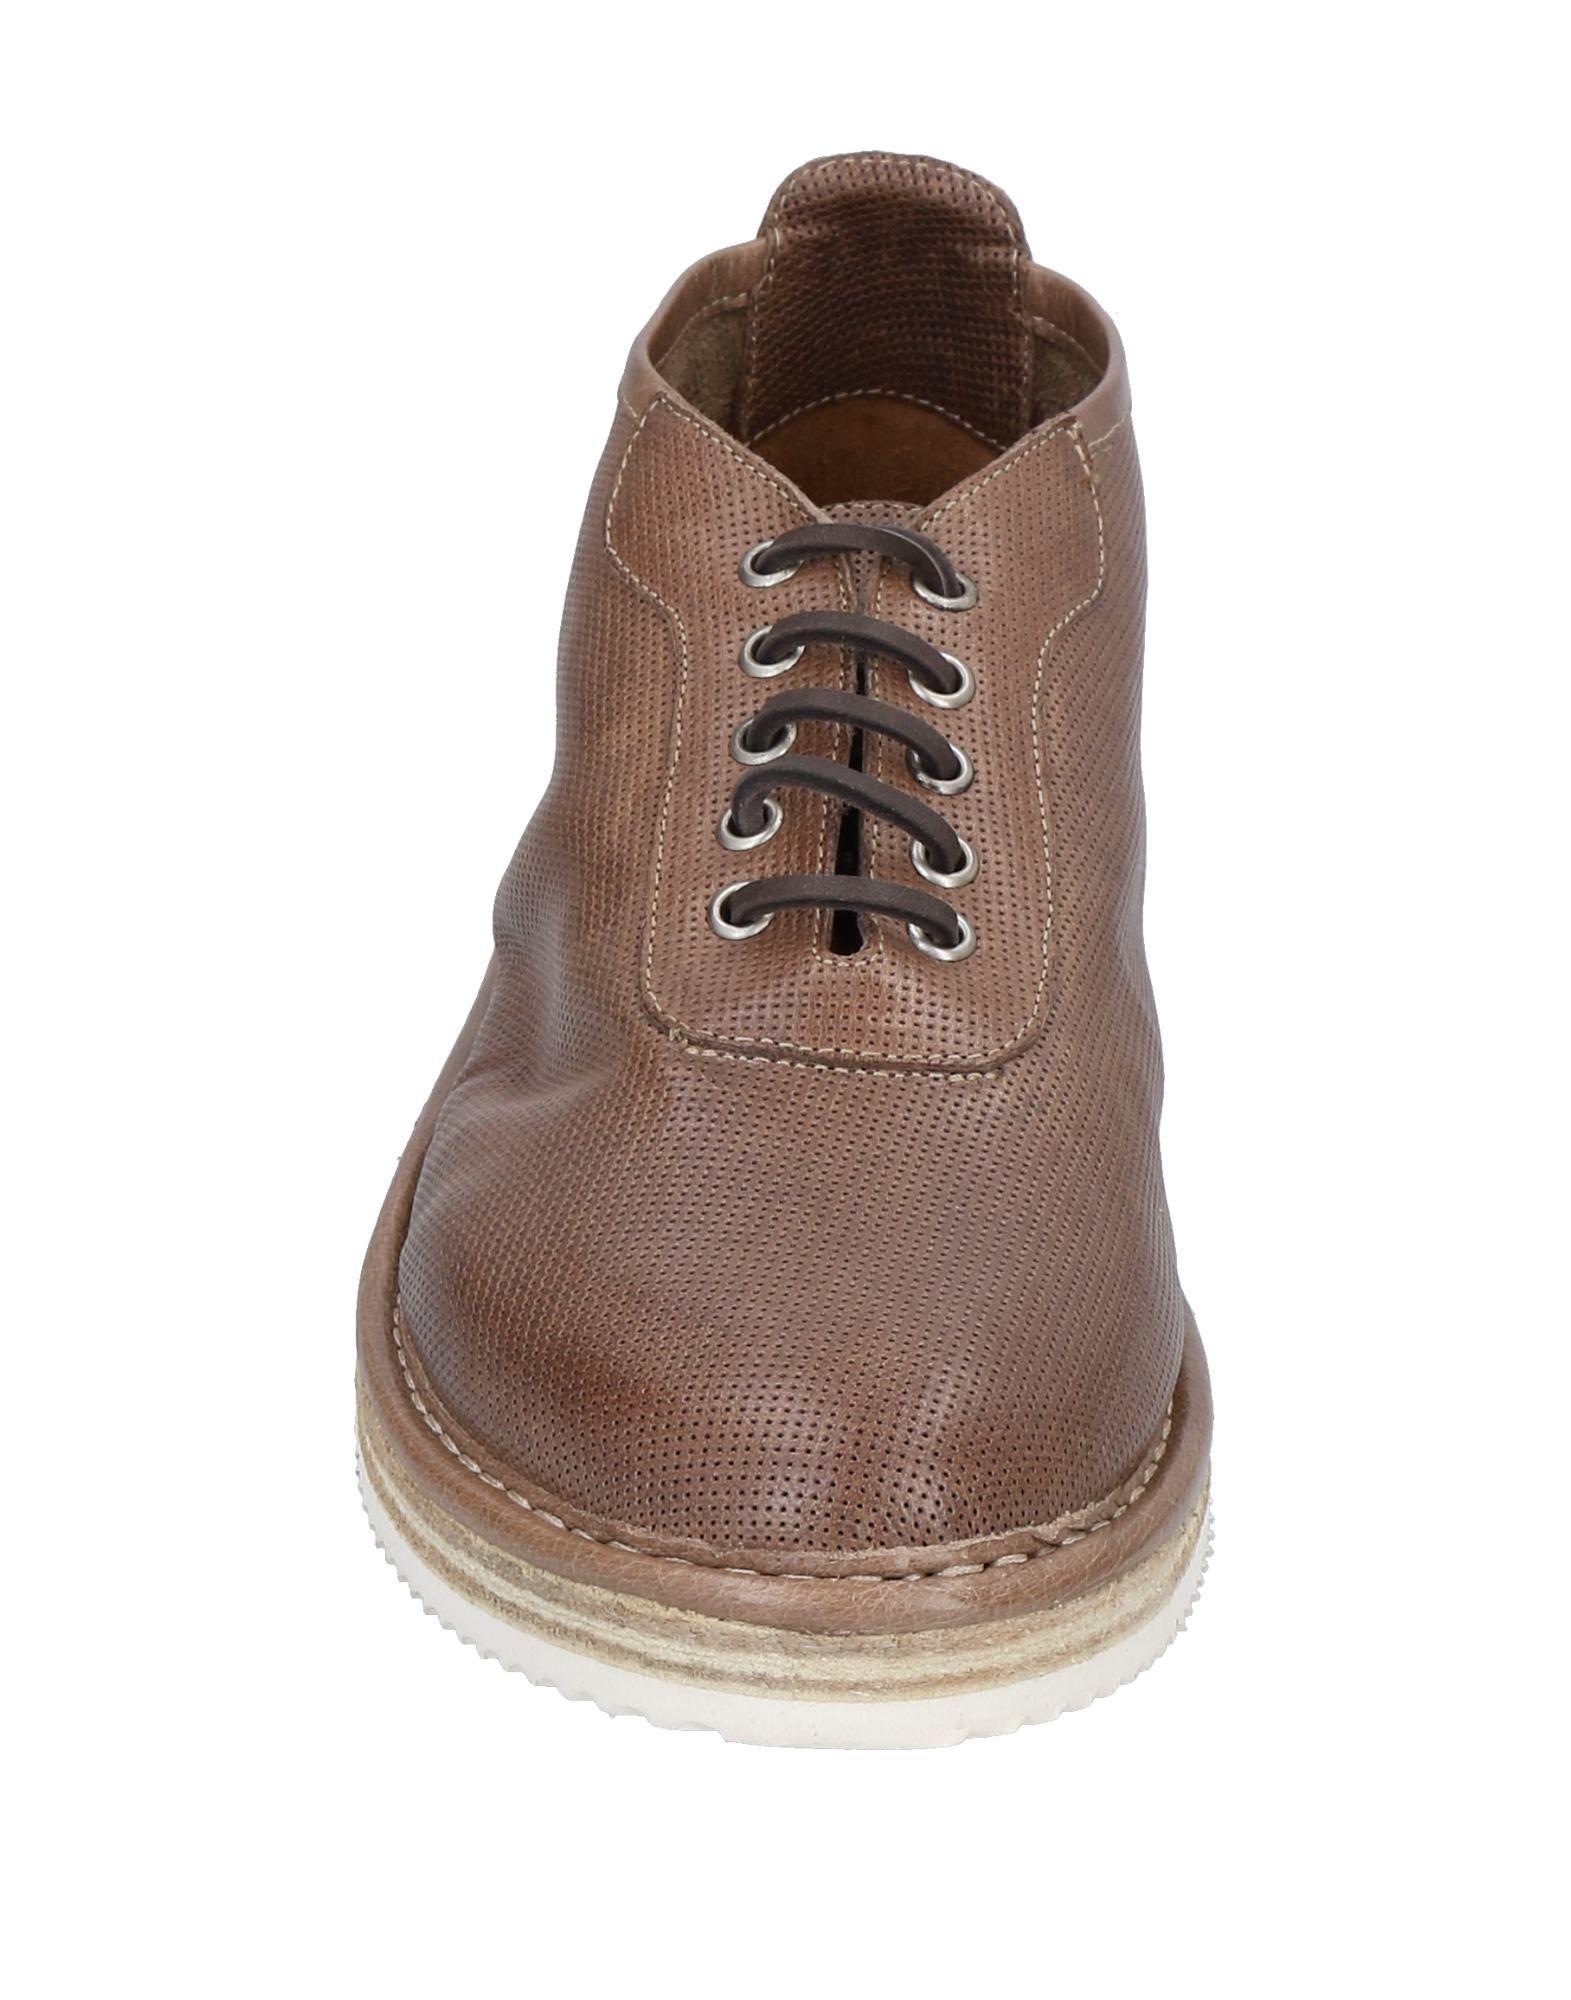 Buttero® 11544802BL Sneakers Herren  11544802BL Buttero® Gute Qualität beliebte Schuhe 61d103